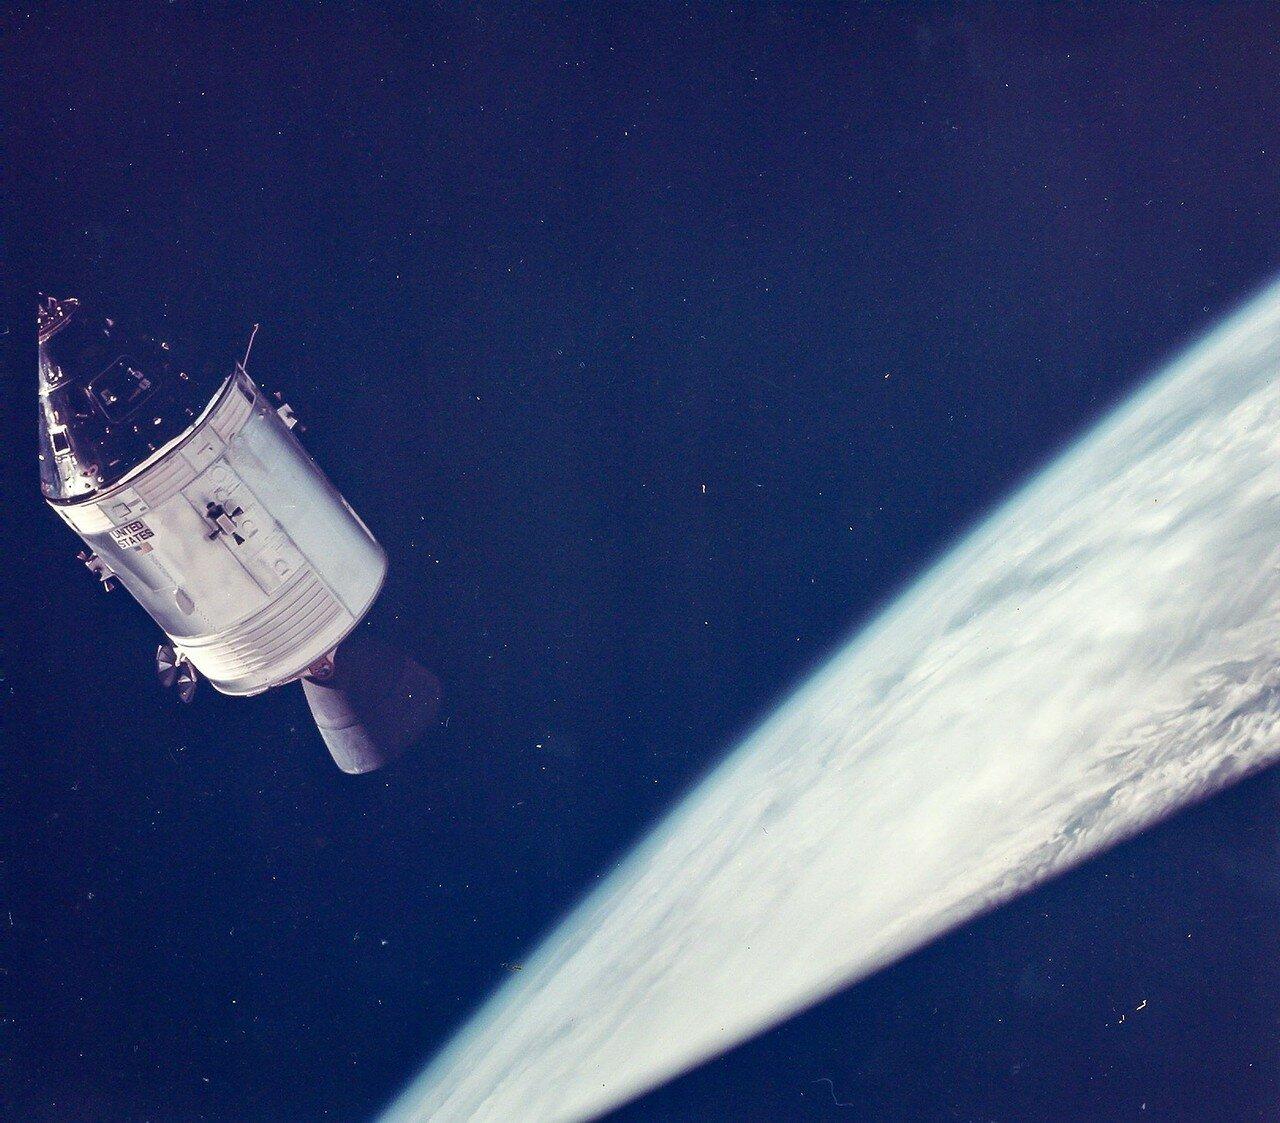 1969, 3 марта. «Аполлон-9»— пилотируемый космический корабль, совершивший первый испытательный полёт в полной конфигурации (командный и лунный модули), в ходе подготовки экспедиций на Луну.  На снимке КМ «Гамдроп», вид из ЛМ «Спайдэр»